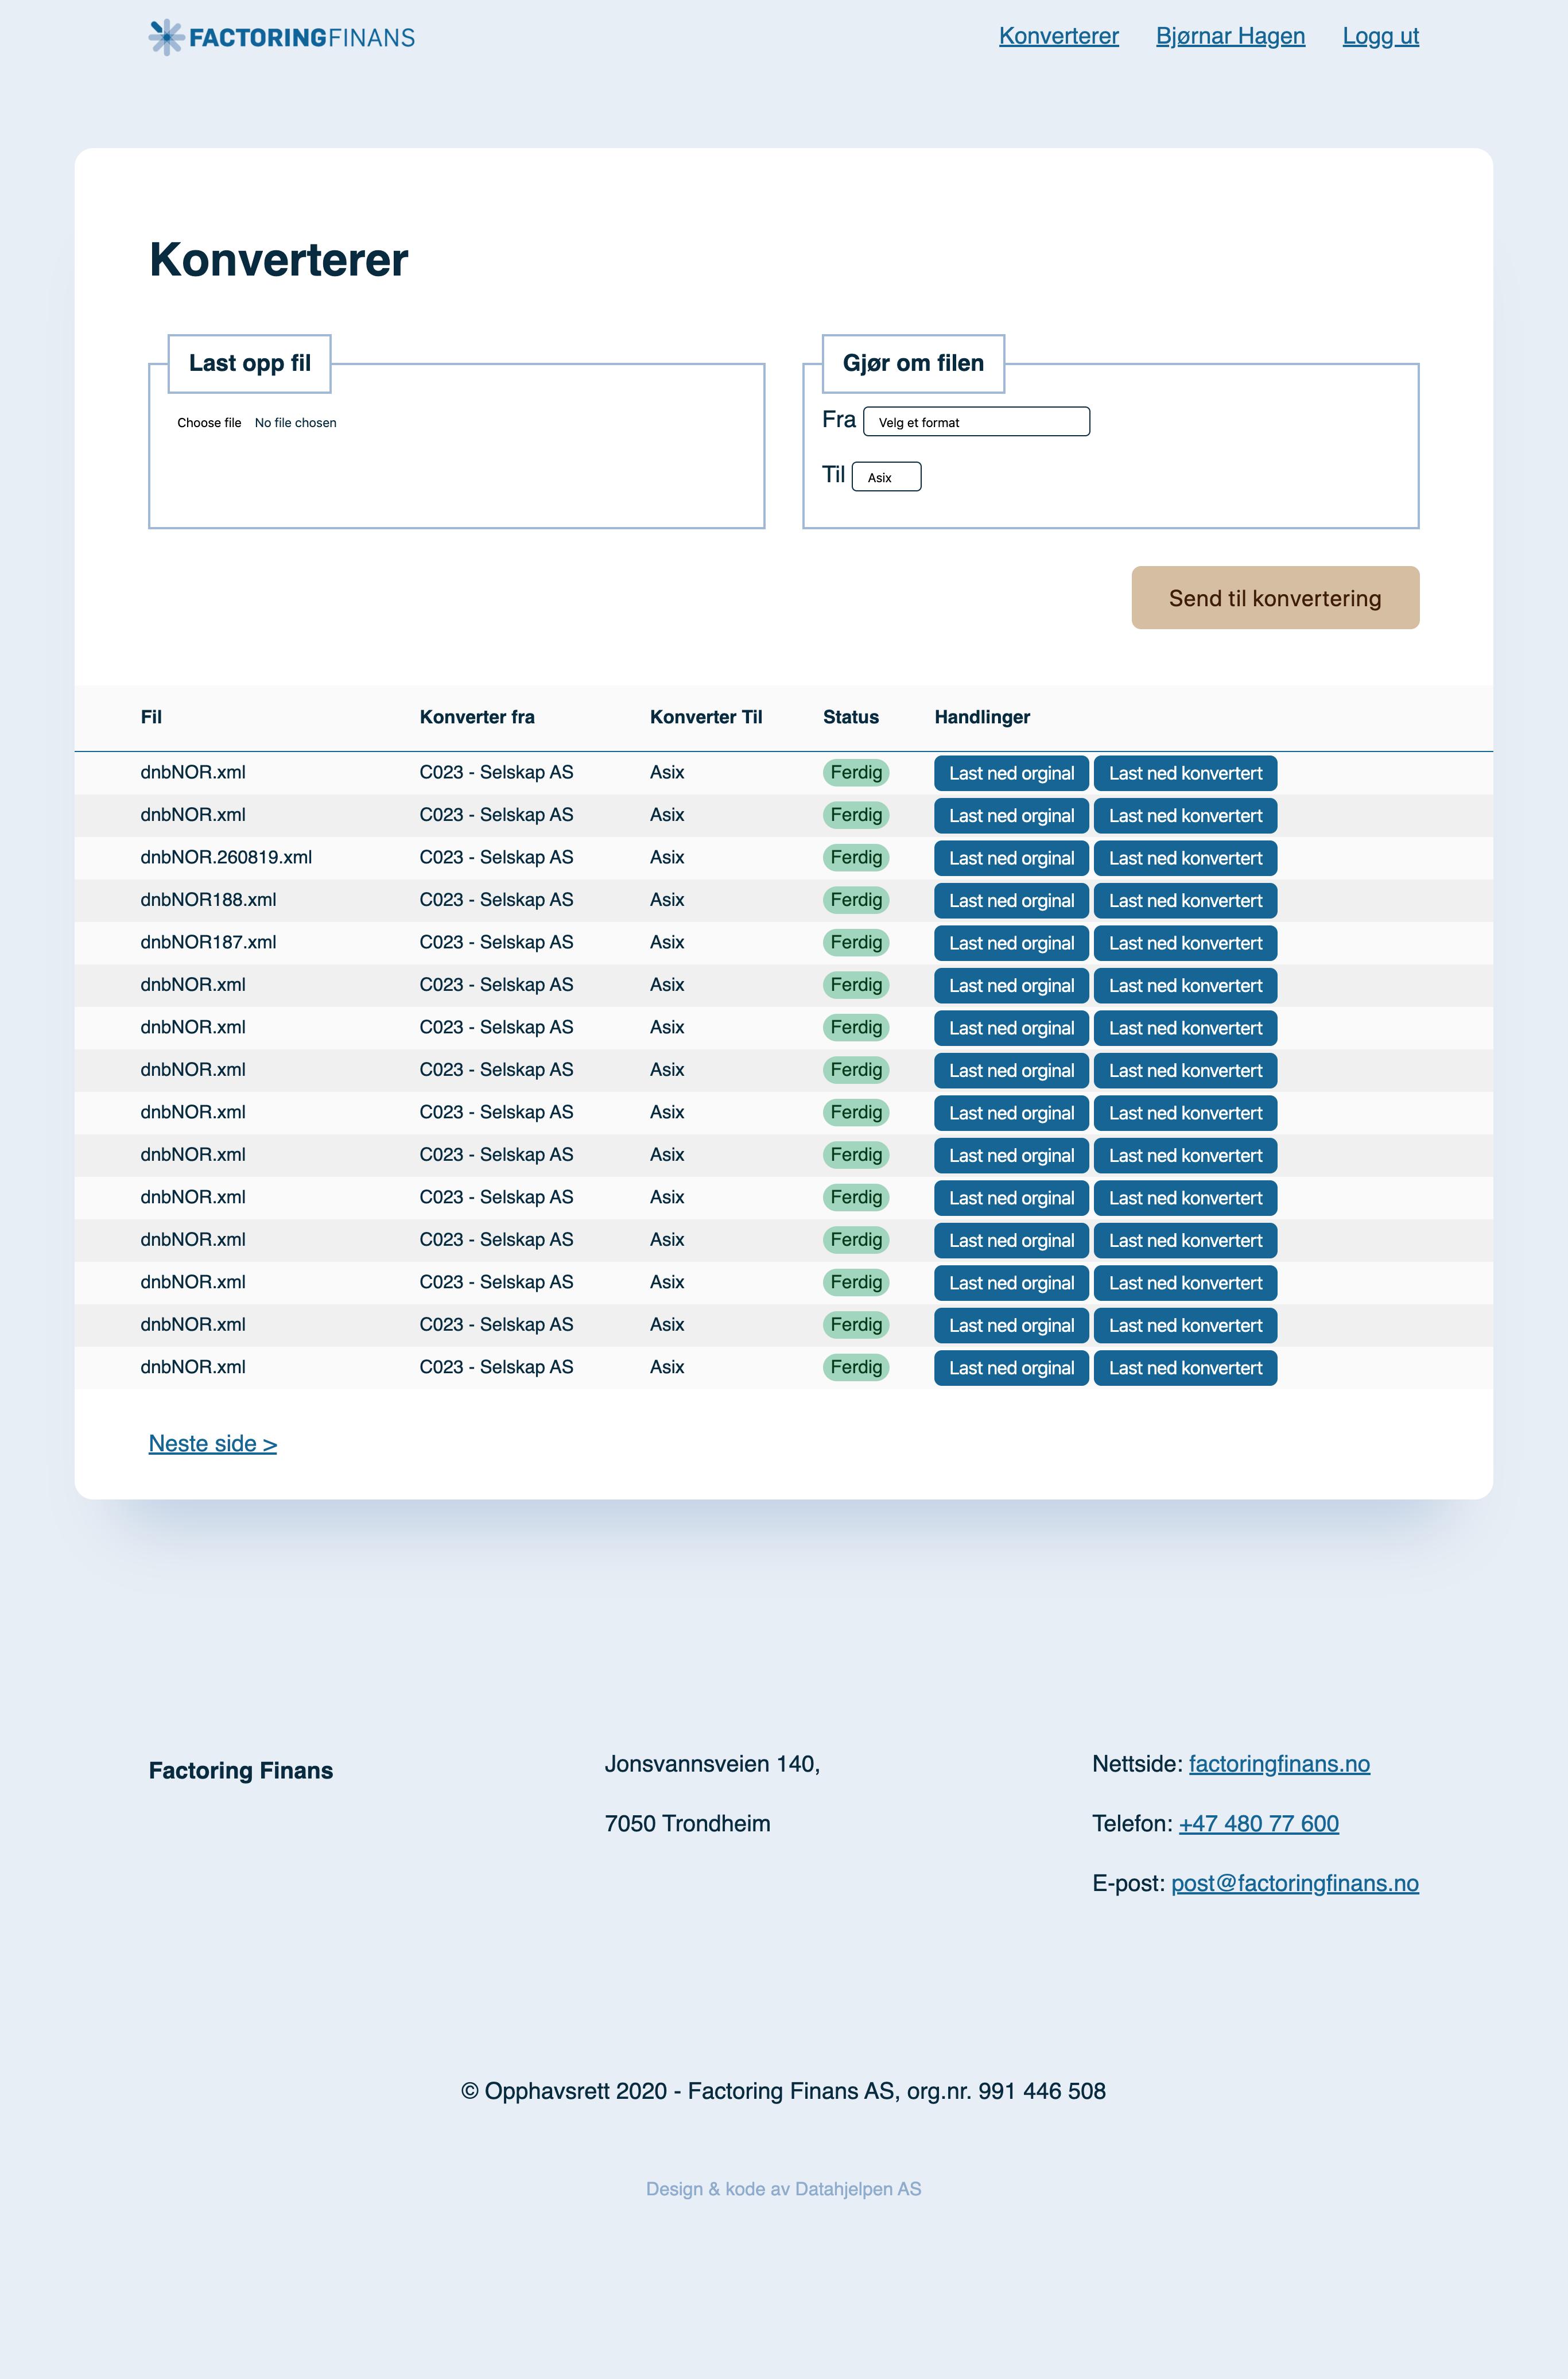 Webapplikasjon for Factoring Finans